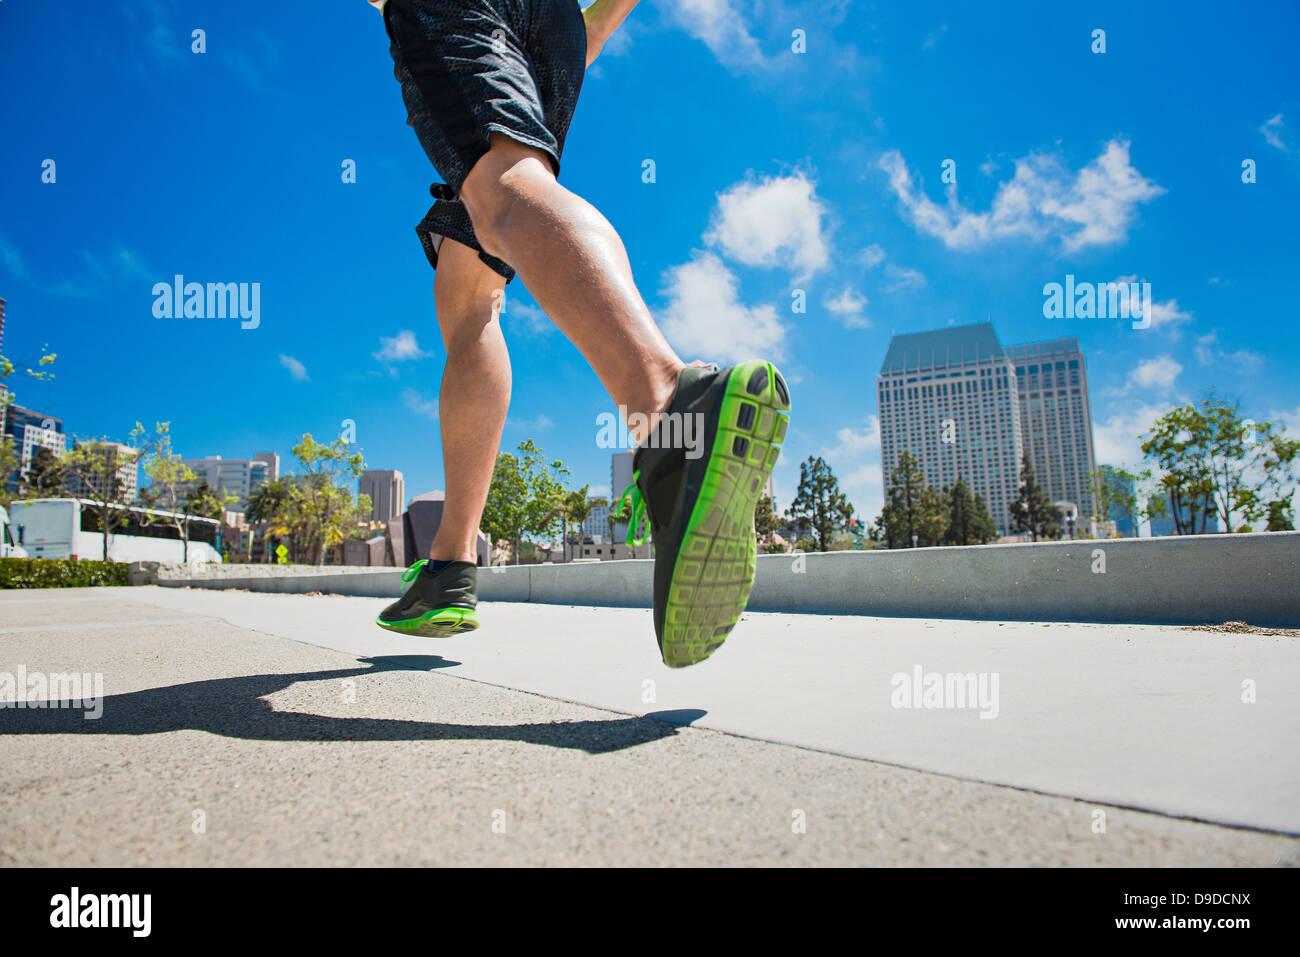 Giovane uomo jogging in città, sezione bassa Immagini Stock